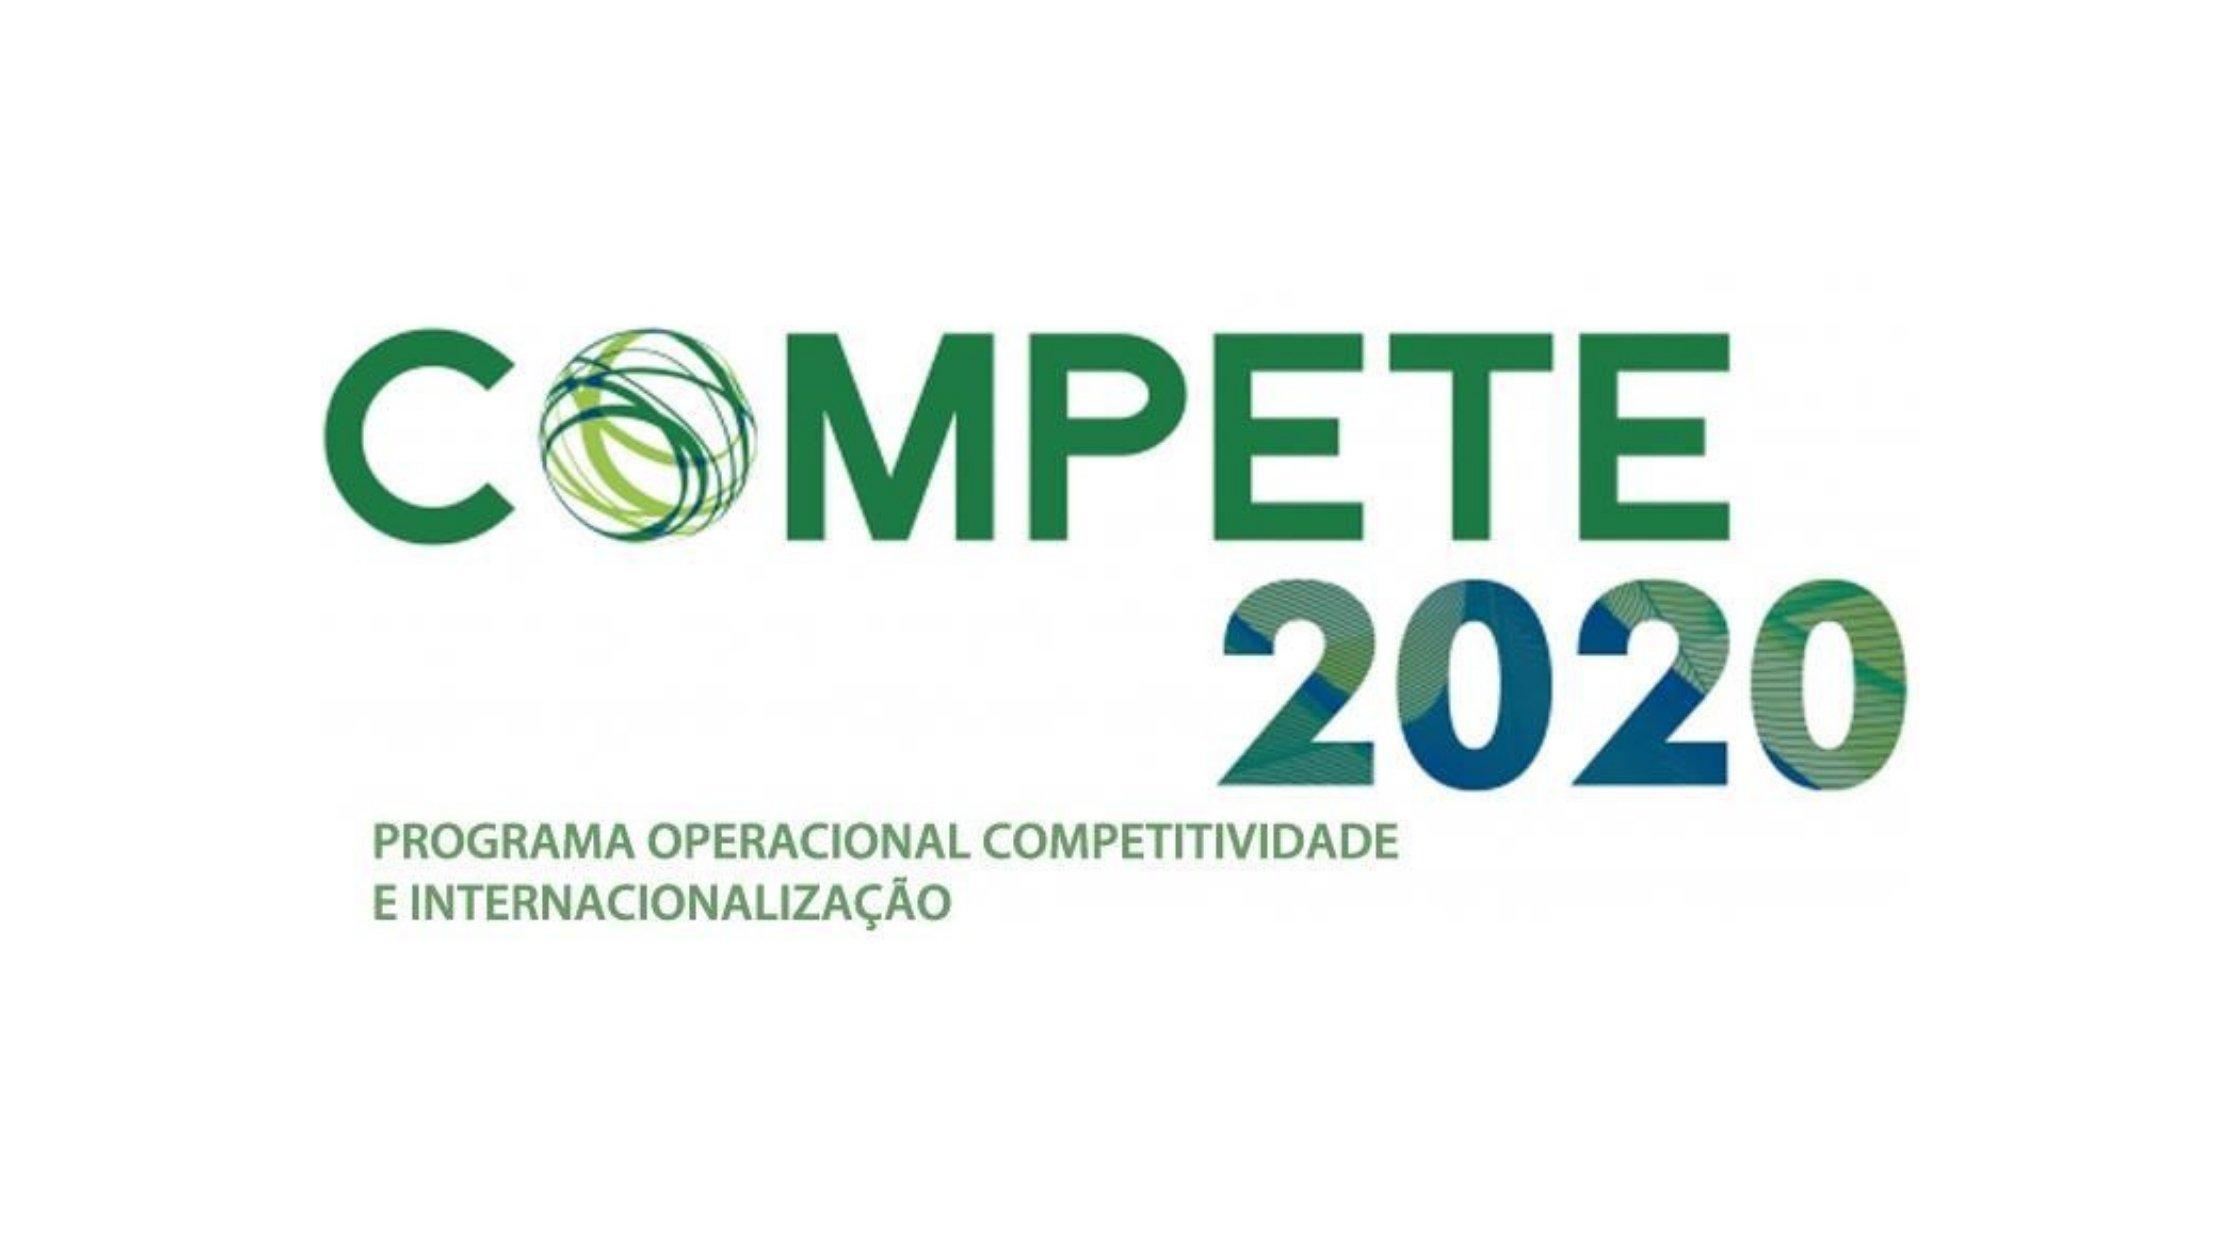 programa operacioanl competitividade e internacionalização compete 2020